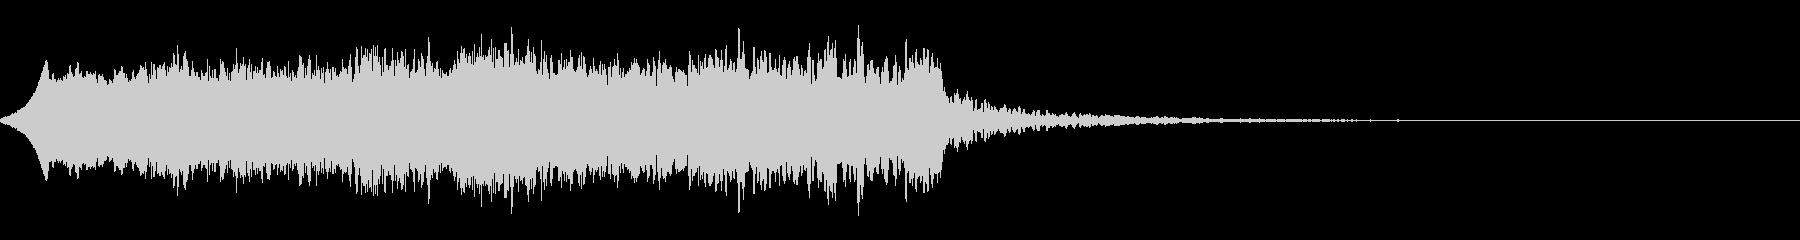 唐突で怖い効果音の未再生の波形